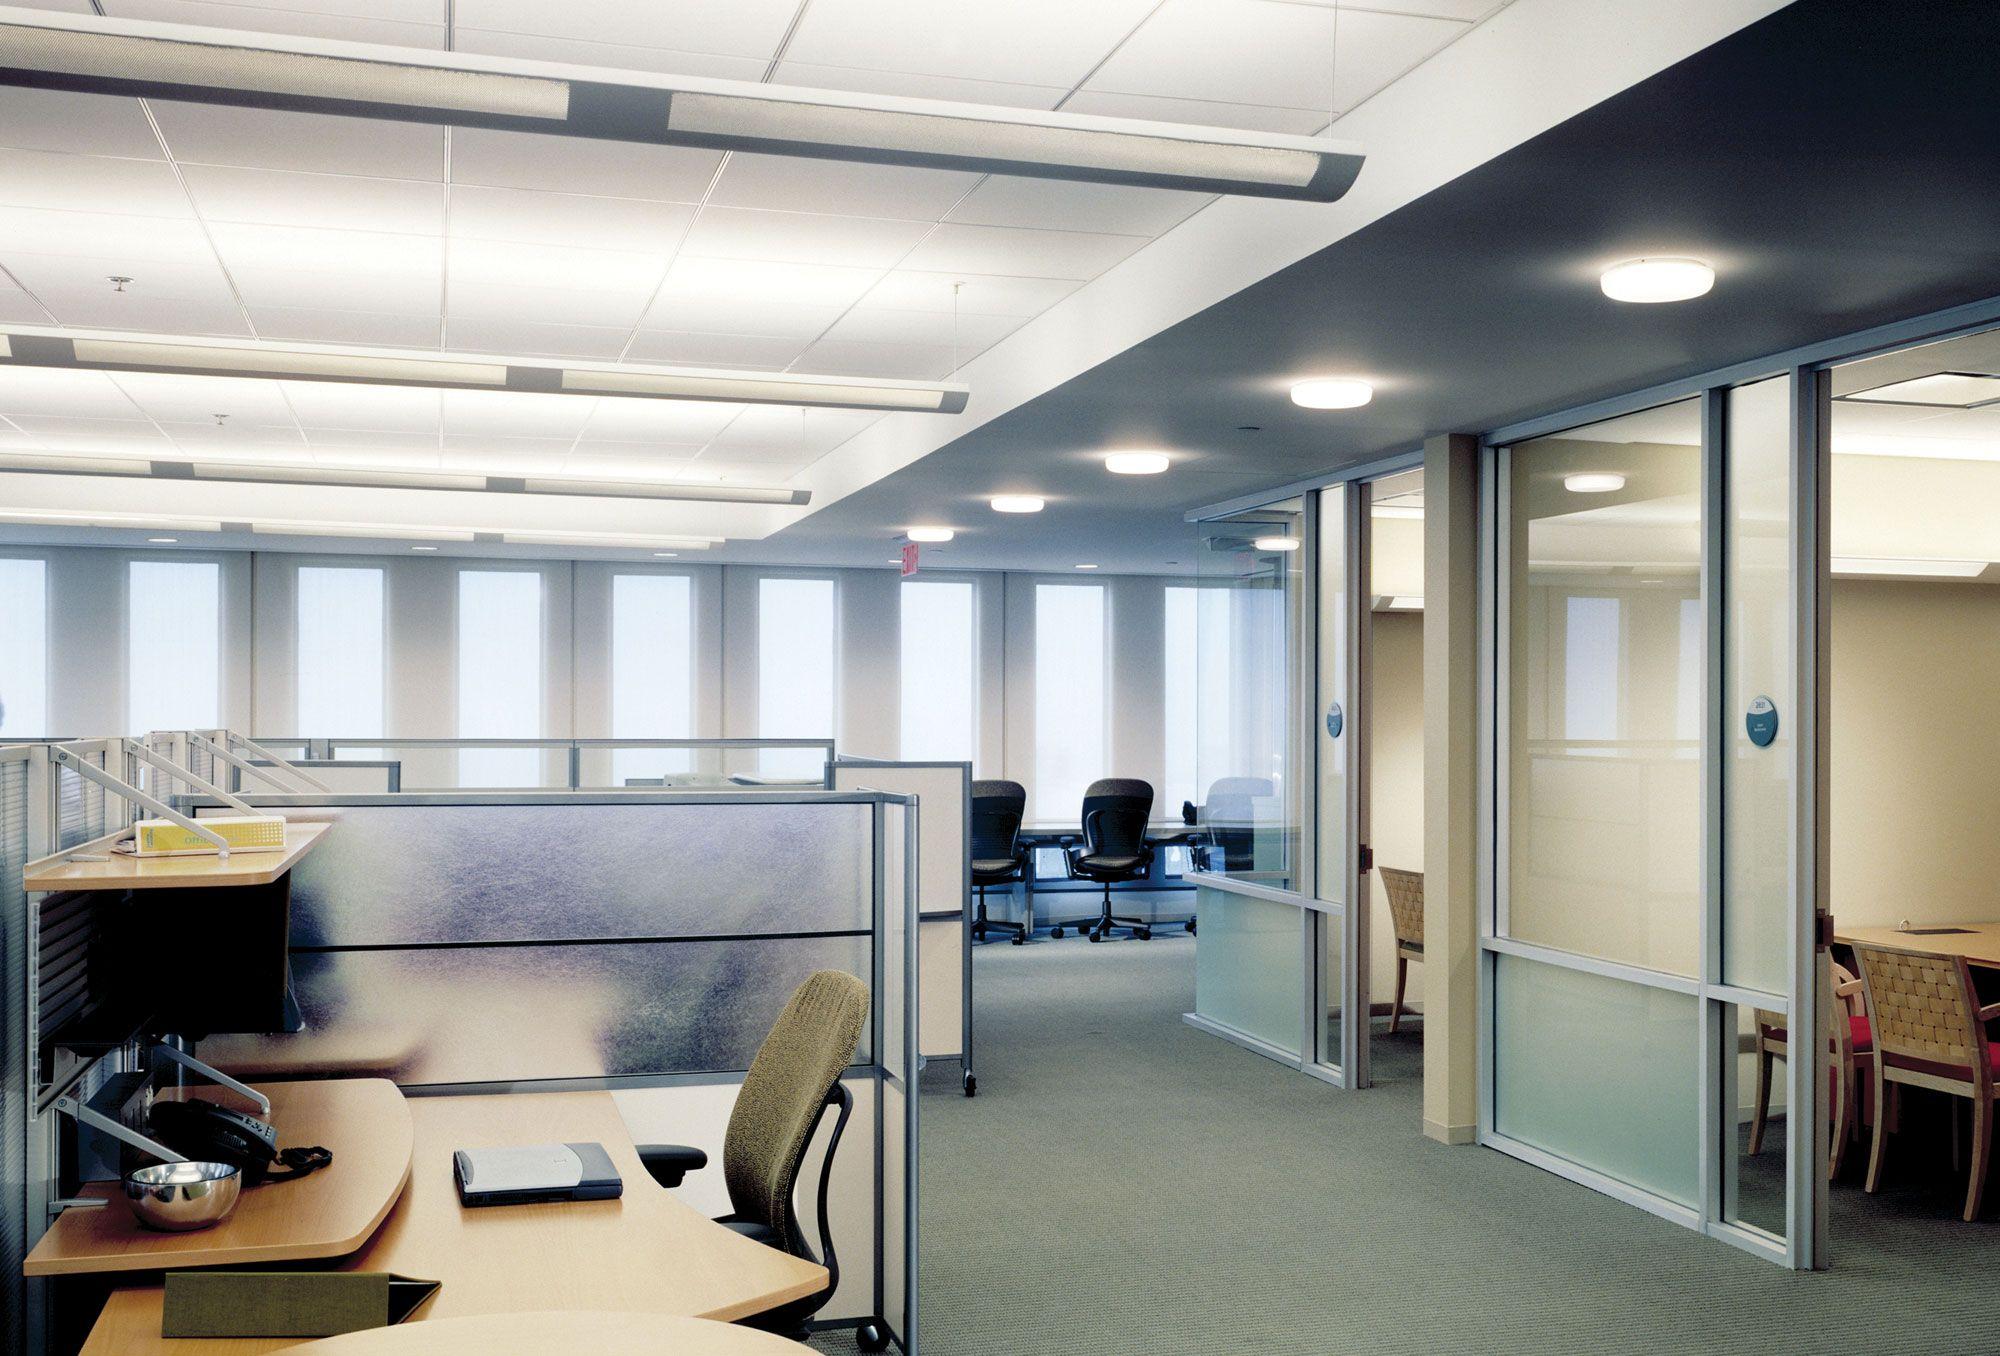 Commercial interior lighting ce center led lighting for commercial interior lighting google search lighting interior pinterest aloadofball Images